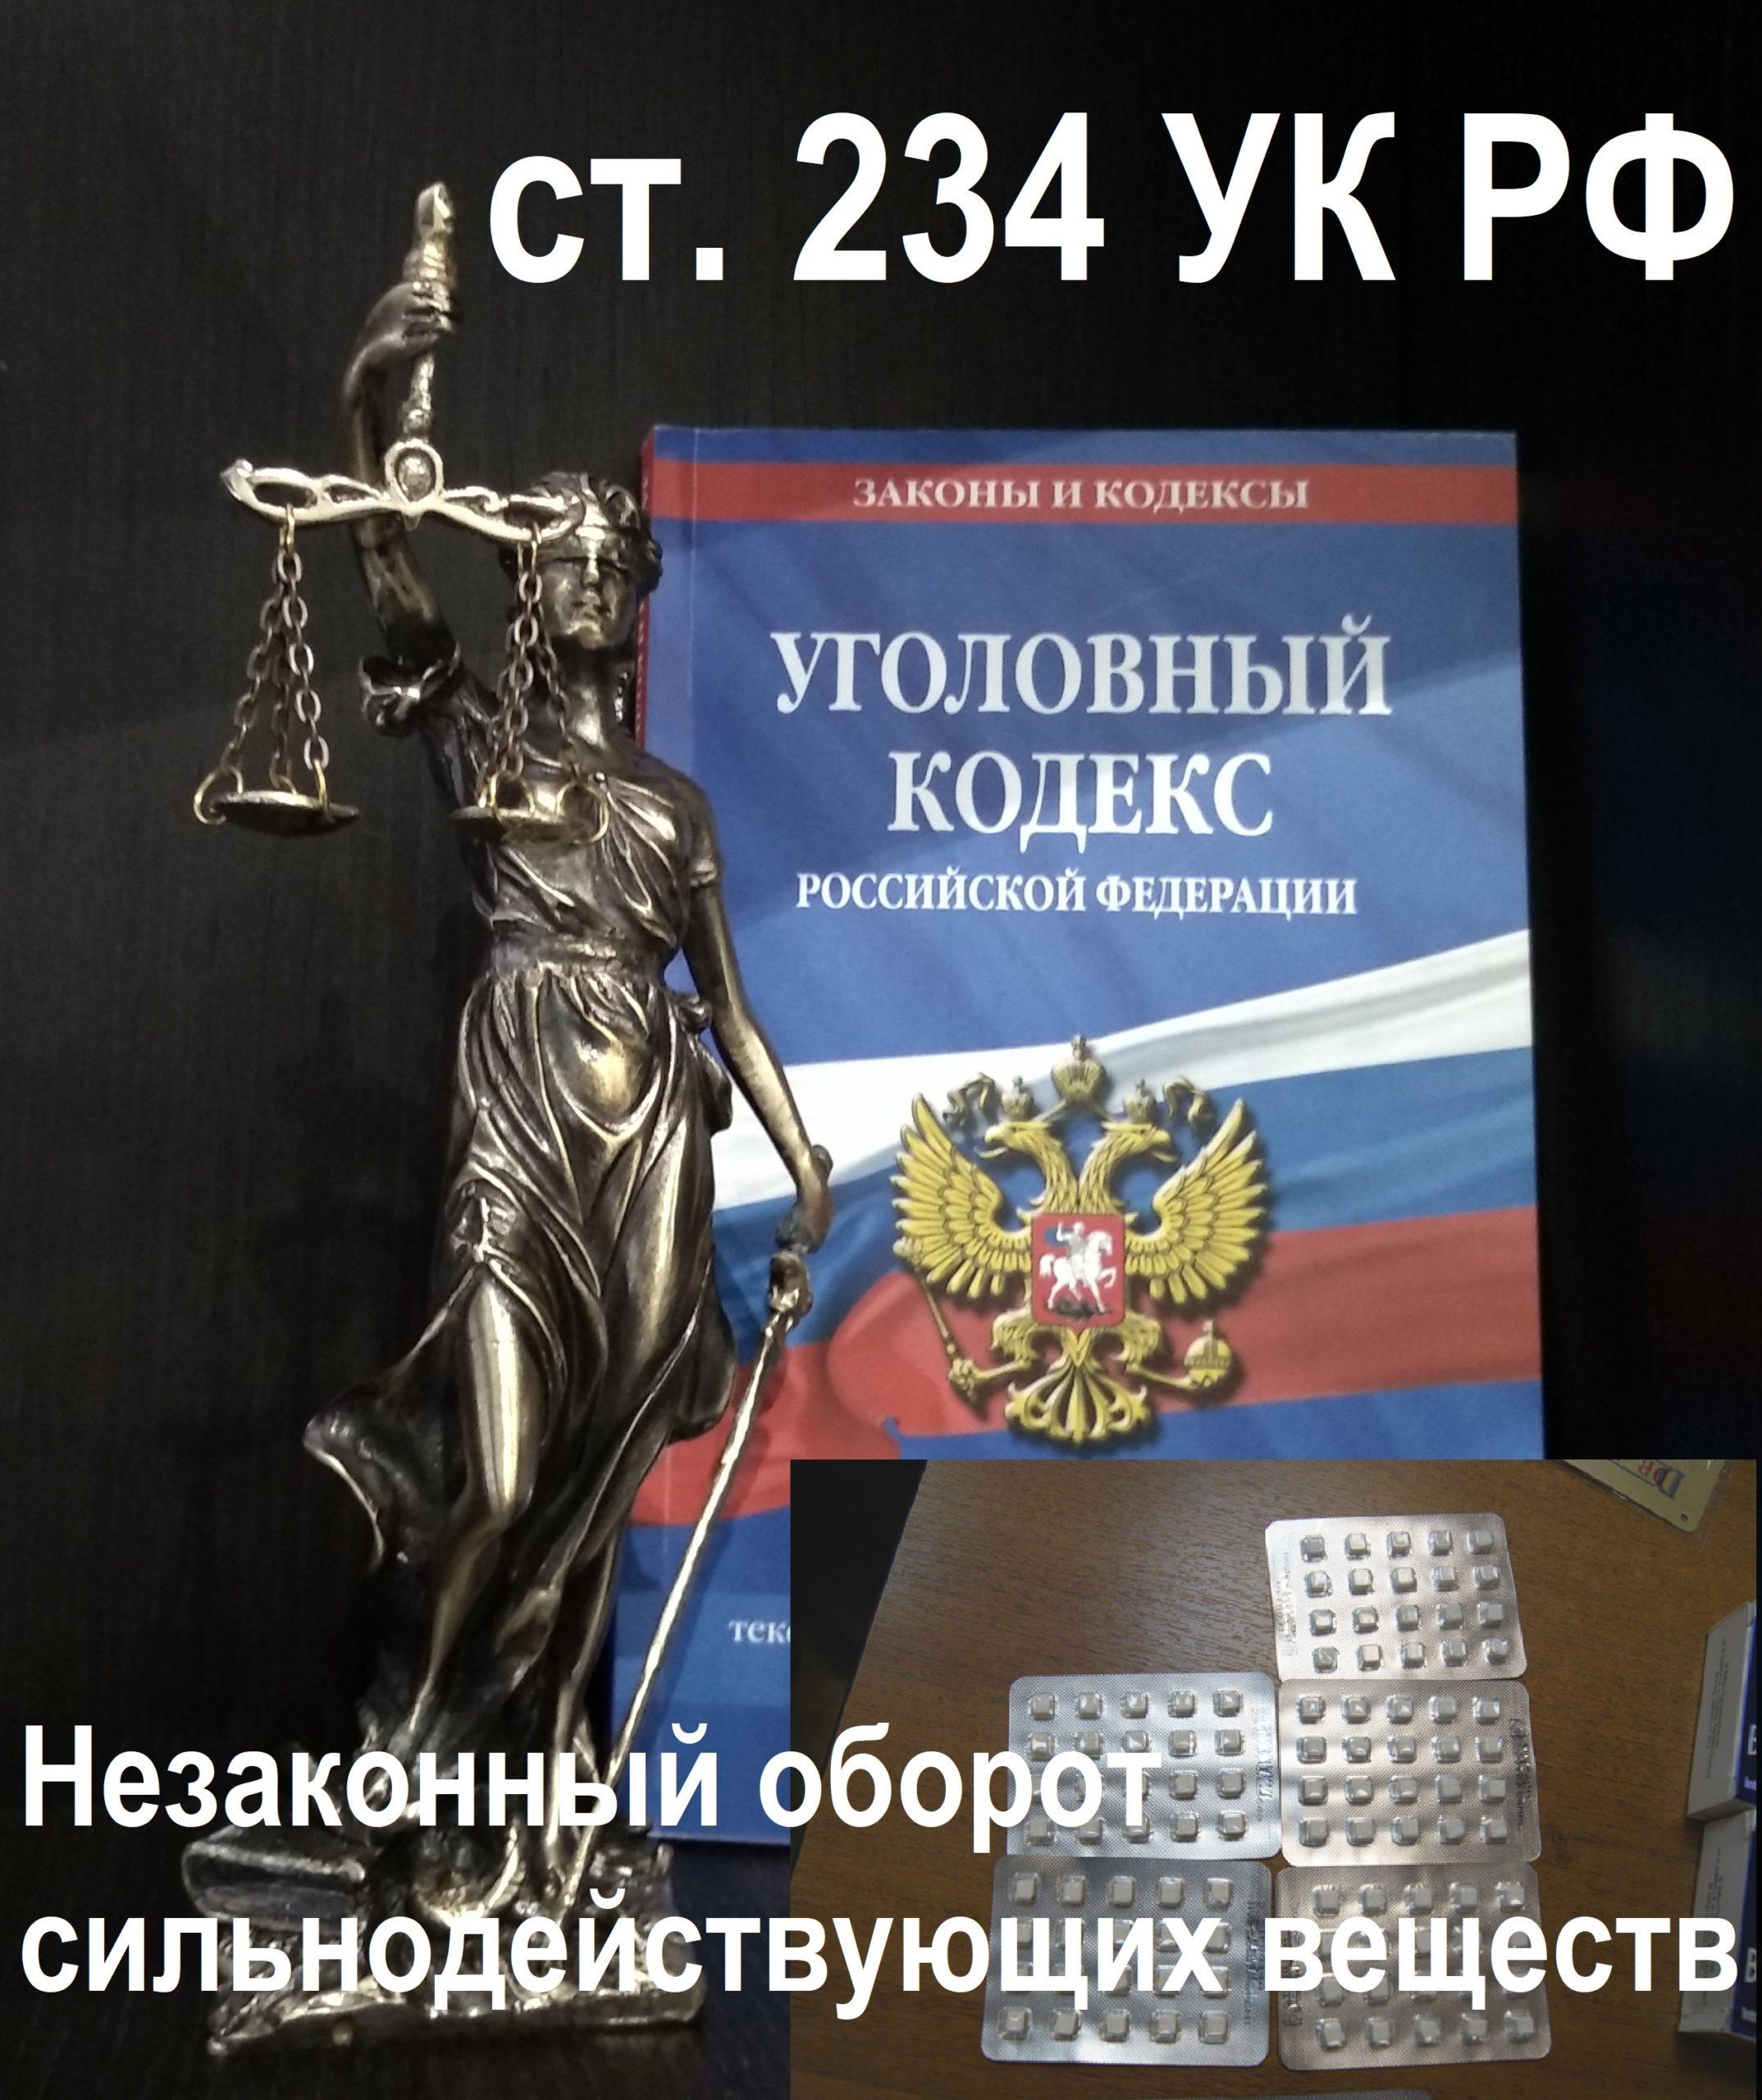 Адвокат по ст. 234 УК РФ Незаконный оборот сильнодействующих веществ